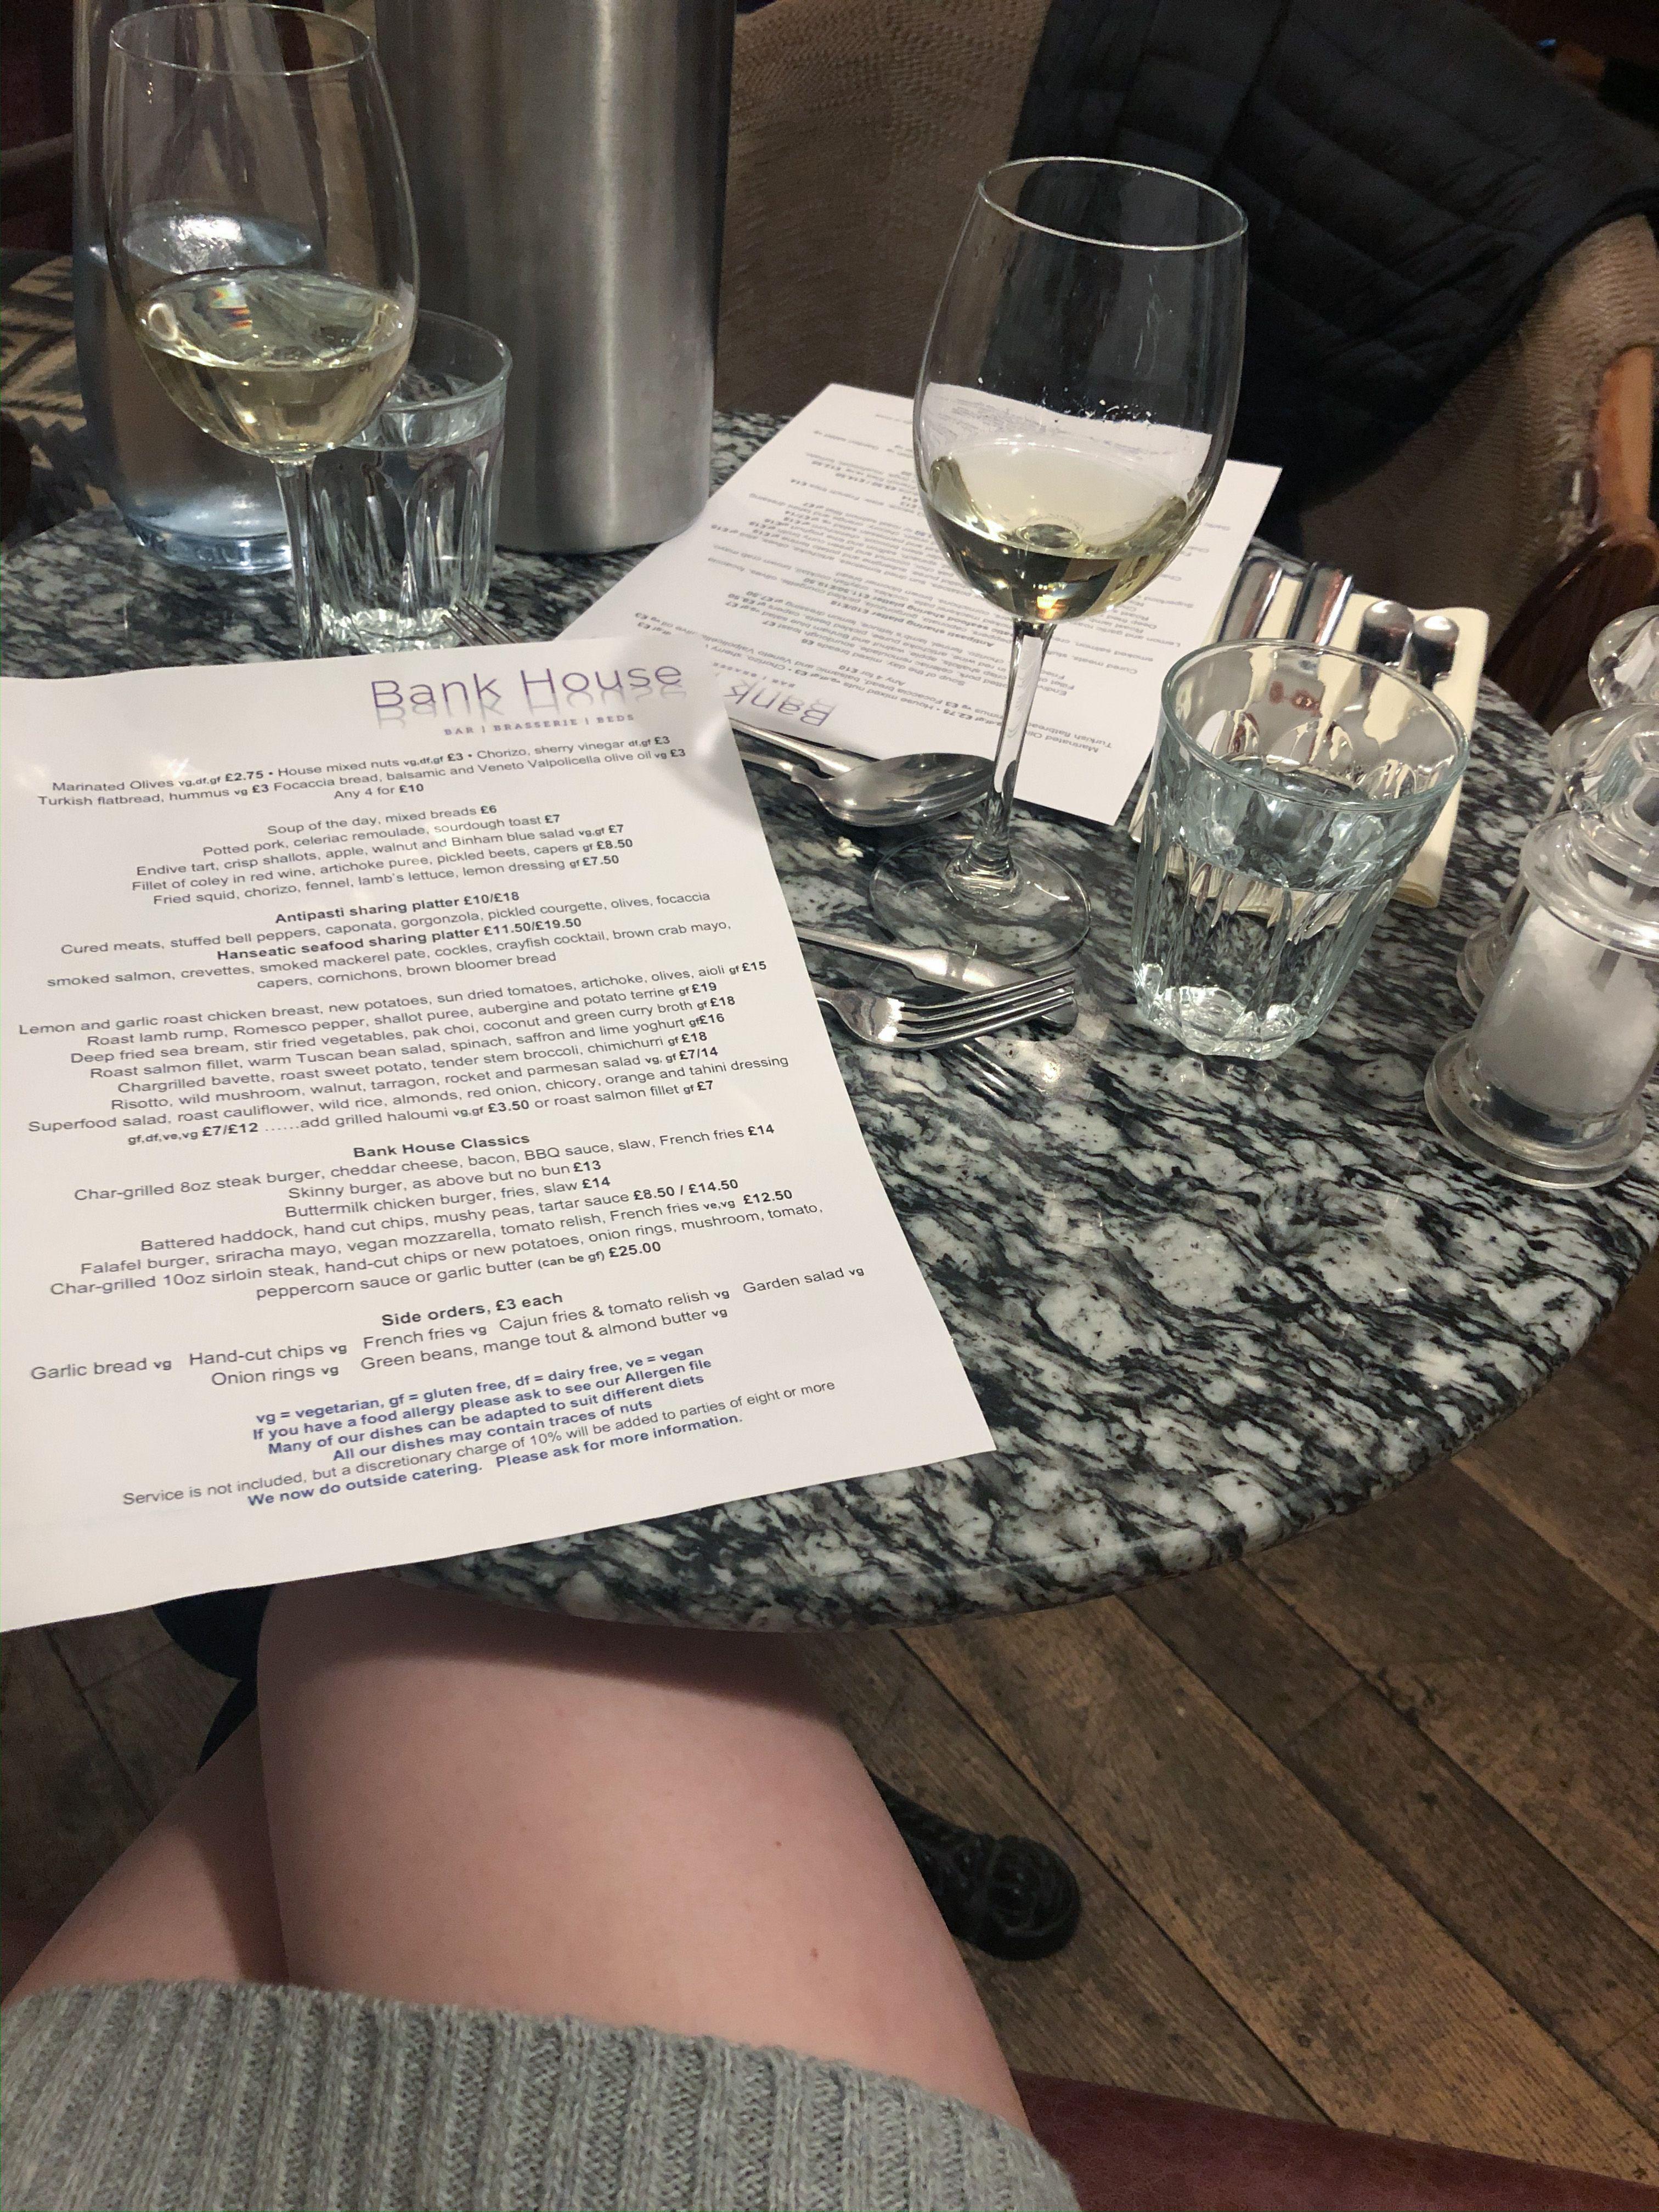 senior match dating site reviews